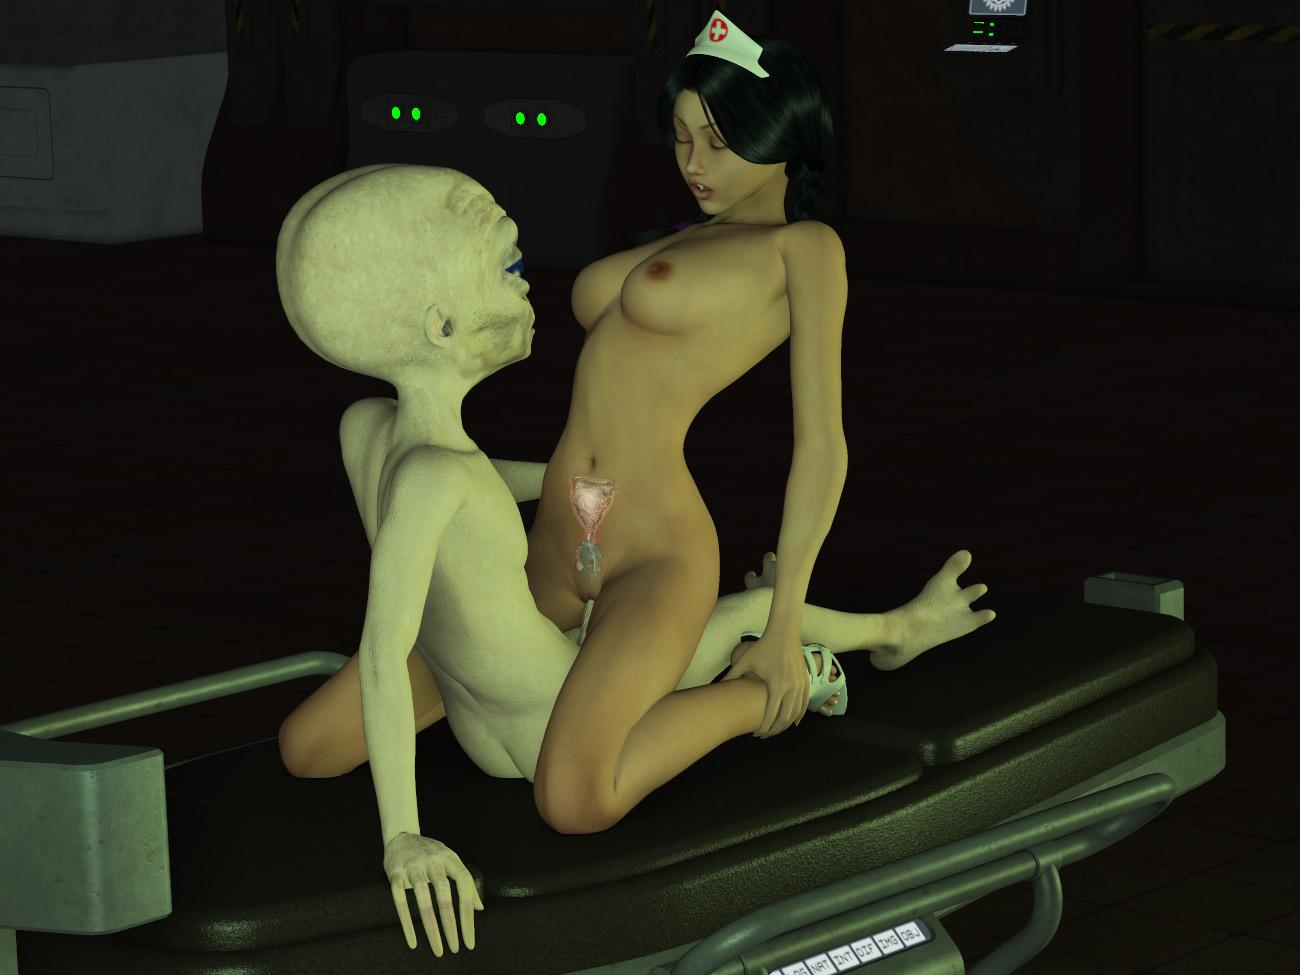 alien-pornos-matt-iseman